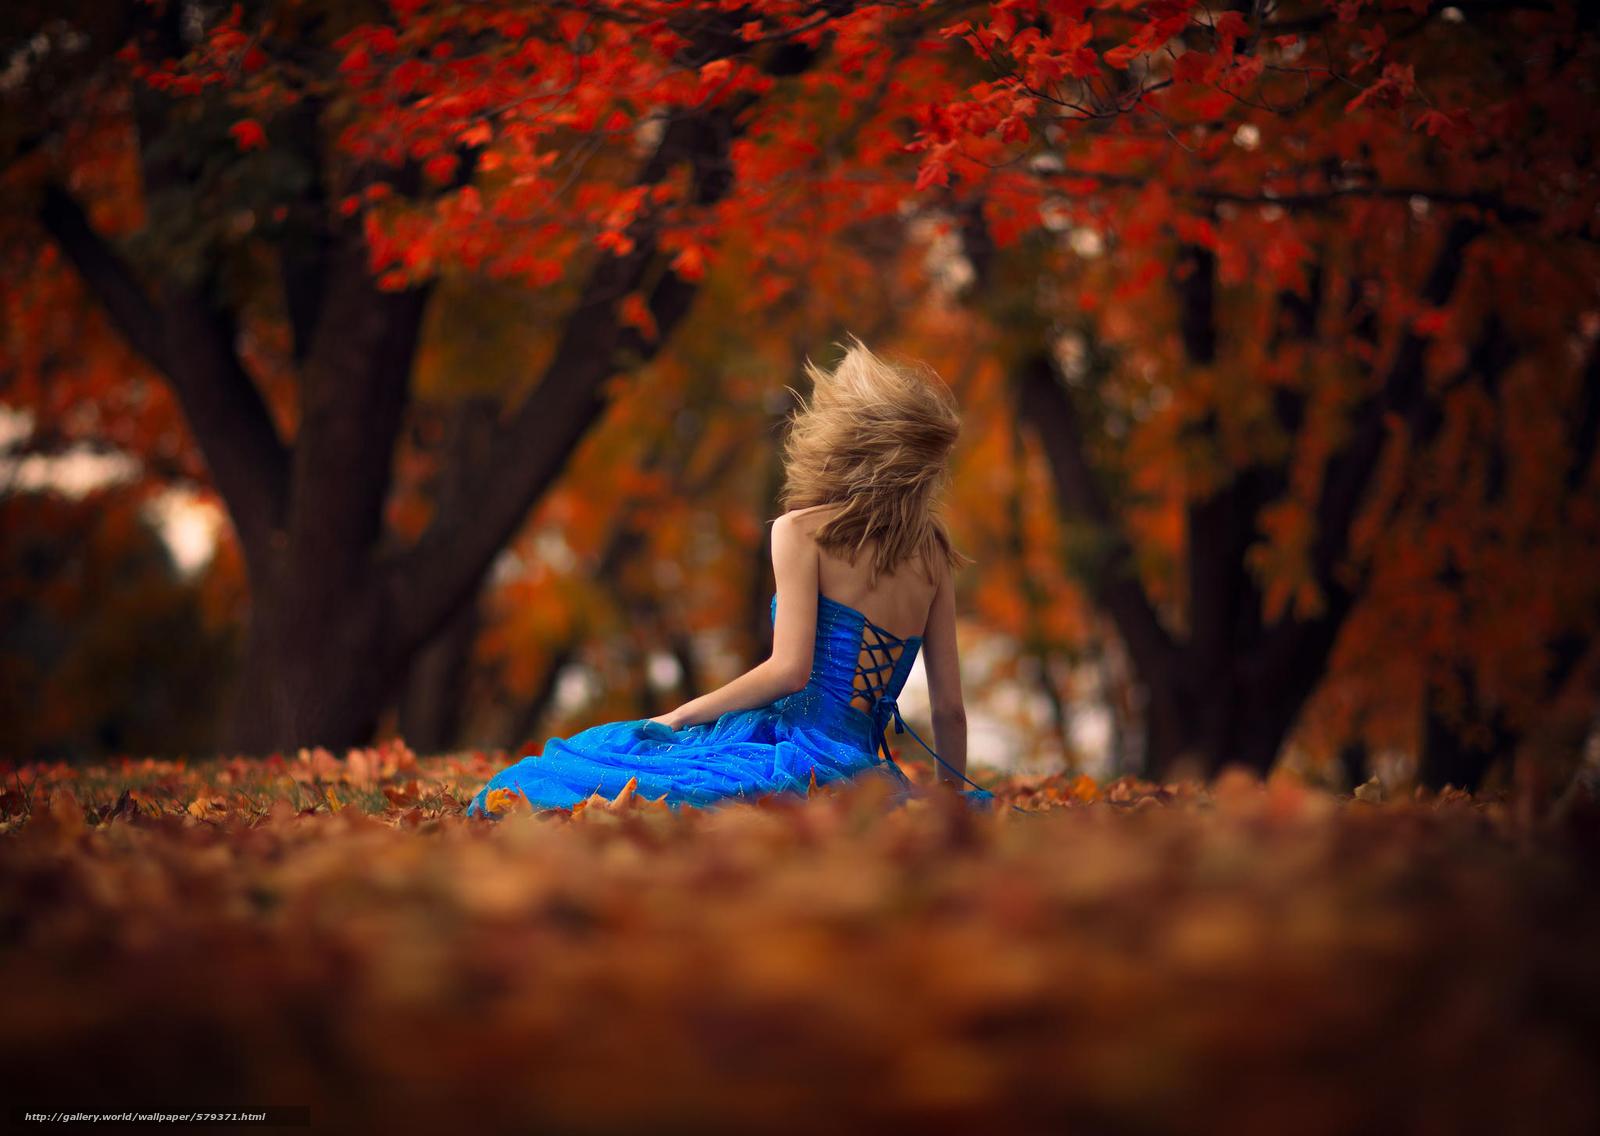 Скачать обои ветер,  девушка,  боке,  листья бесплатно для рабочего стола в разрешении 2048x1454 — картинка №579371